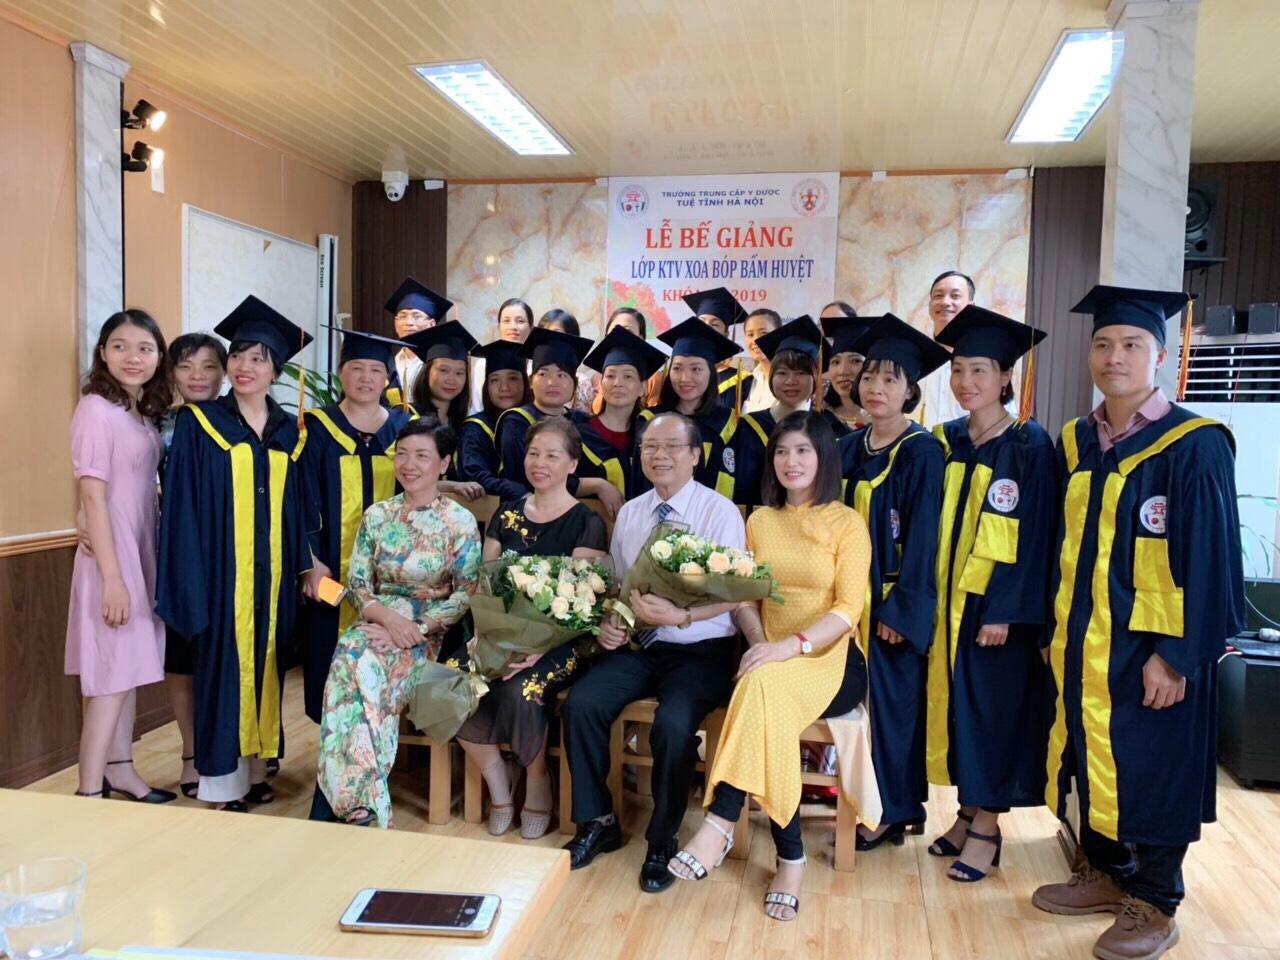 Bế giảng và trao chứng chỉ tốt nghiệp cho lớp KTV Xoa bóp – Bấm huyệt K4H năm 2019